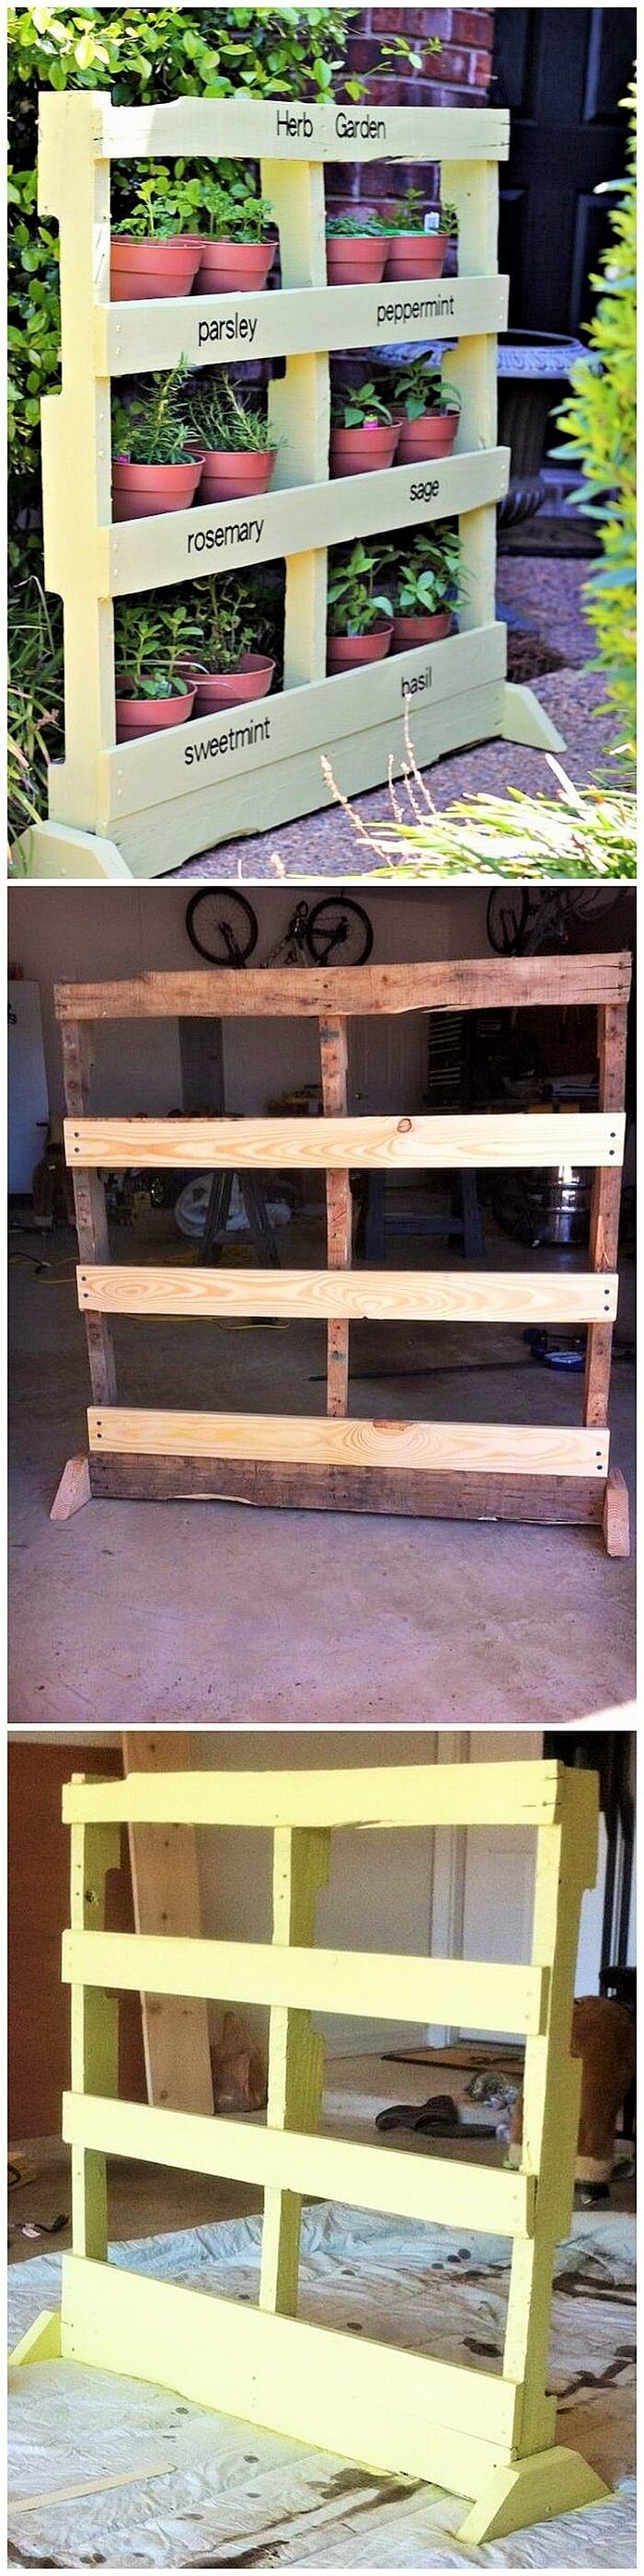 wood-pallet-planters-Ideas-1 (2)